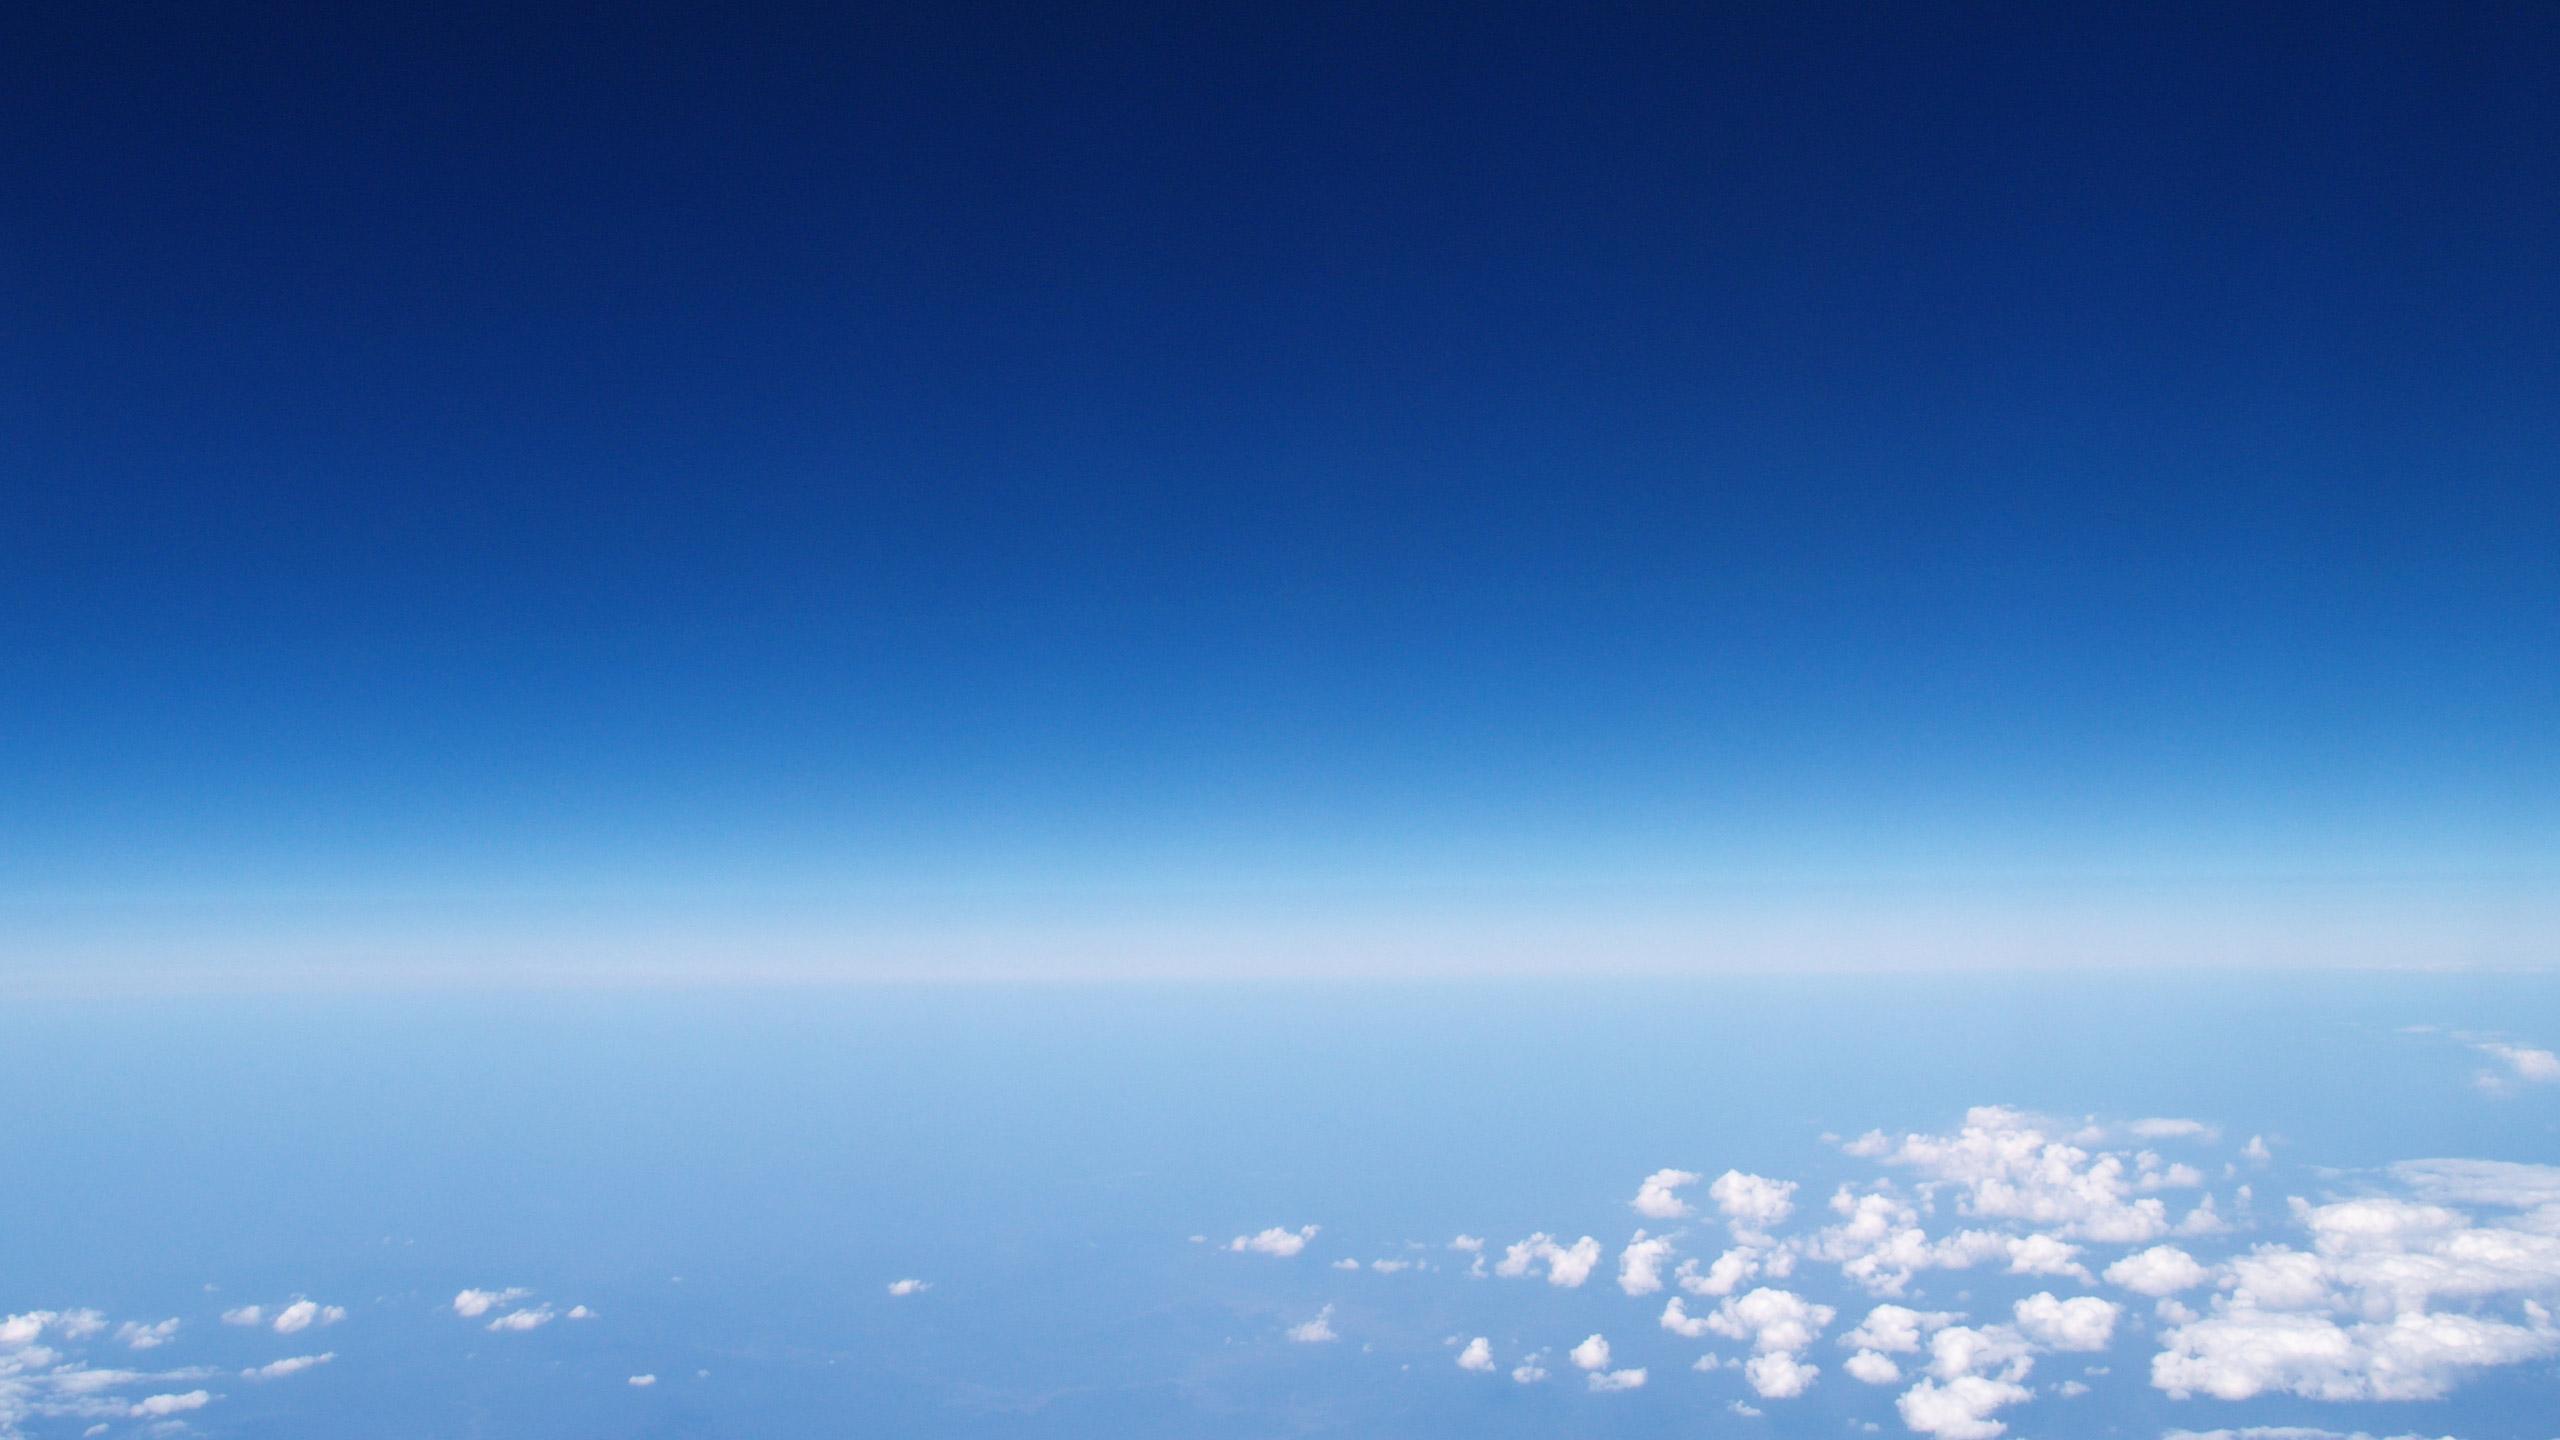 シンプル 青 ブルー の無料壁紙 青色 シンプル写真の高解像度 高画質